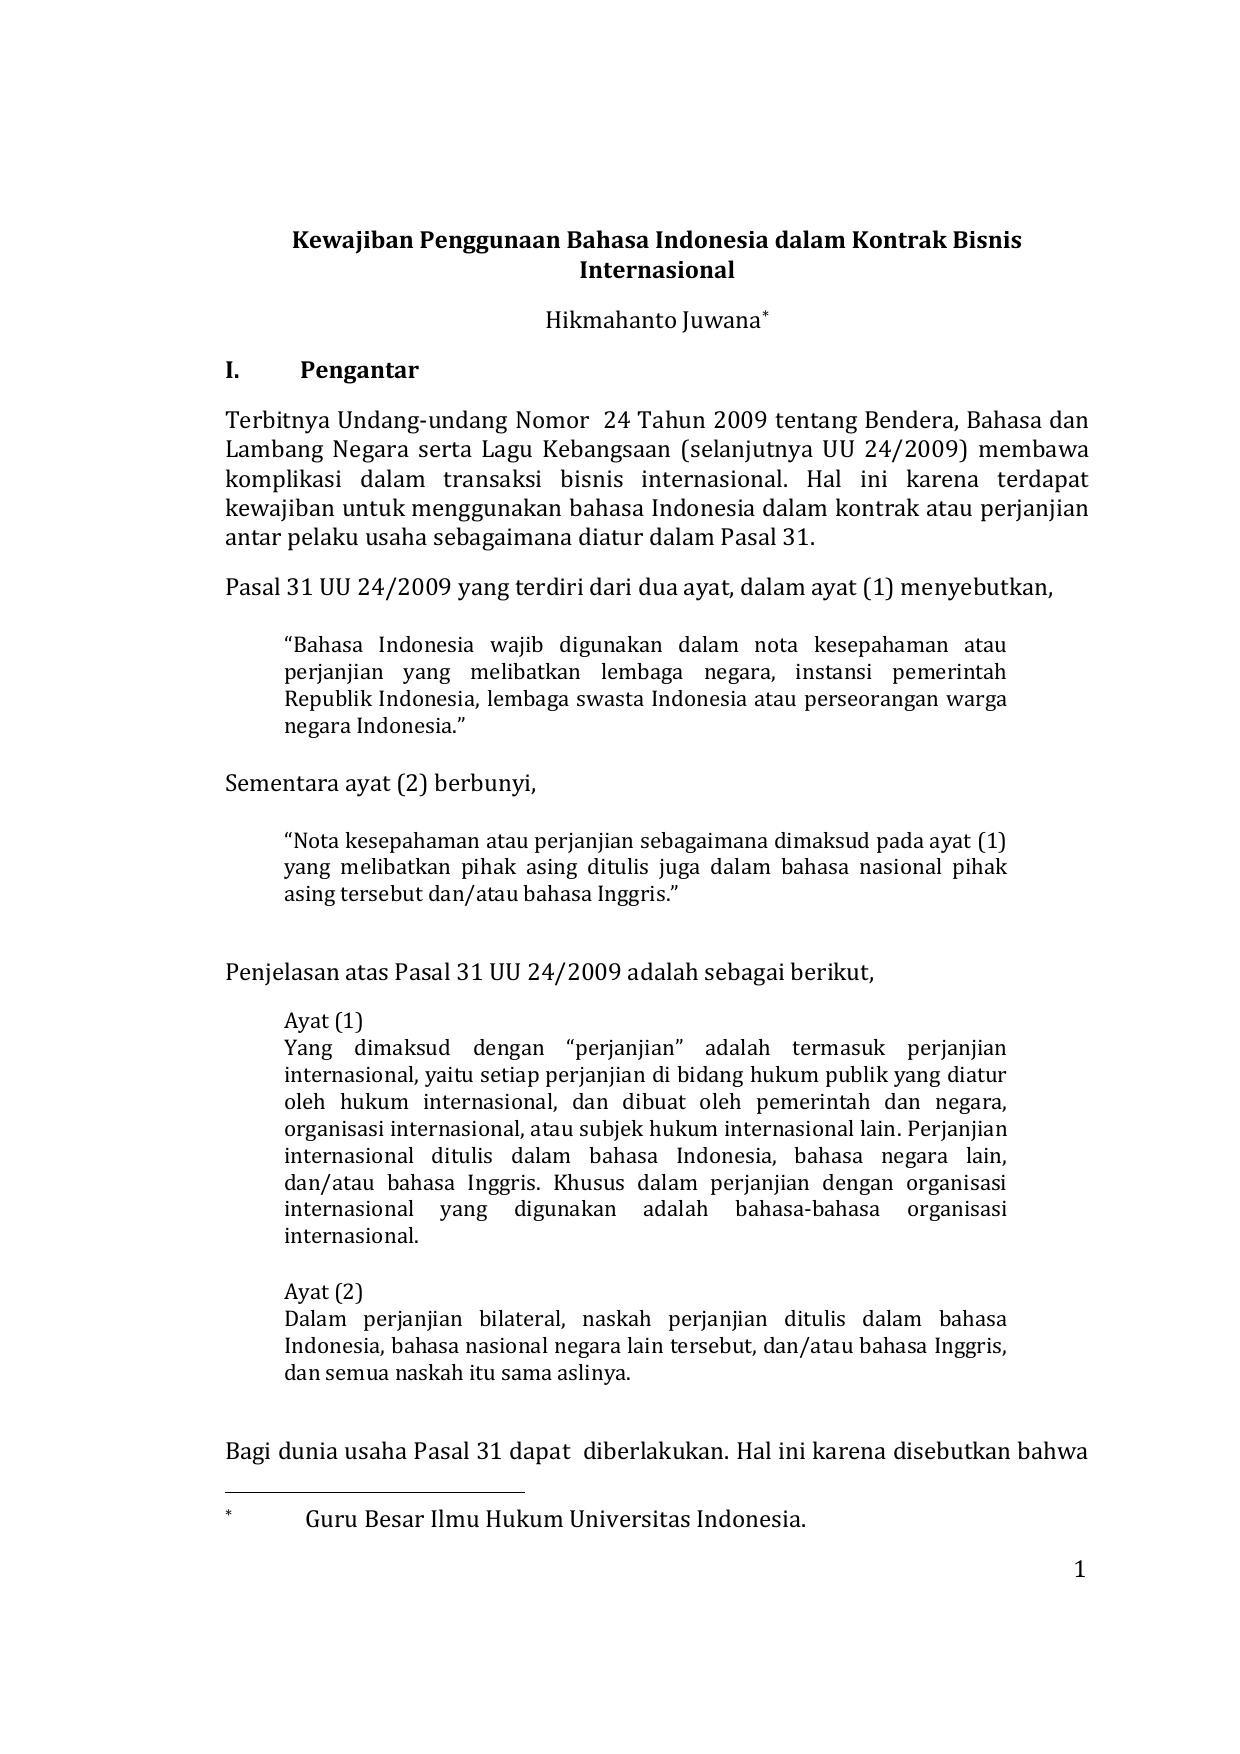 Kewajiban Penggunaan Bahasa Indonesia Dalam Kontrak Bisnis